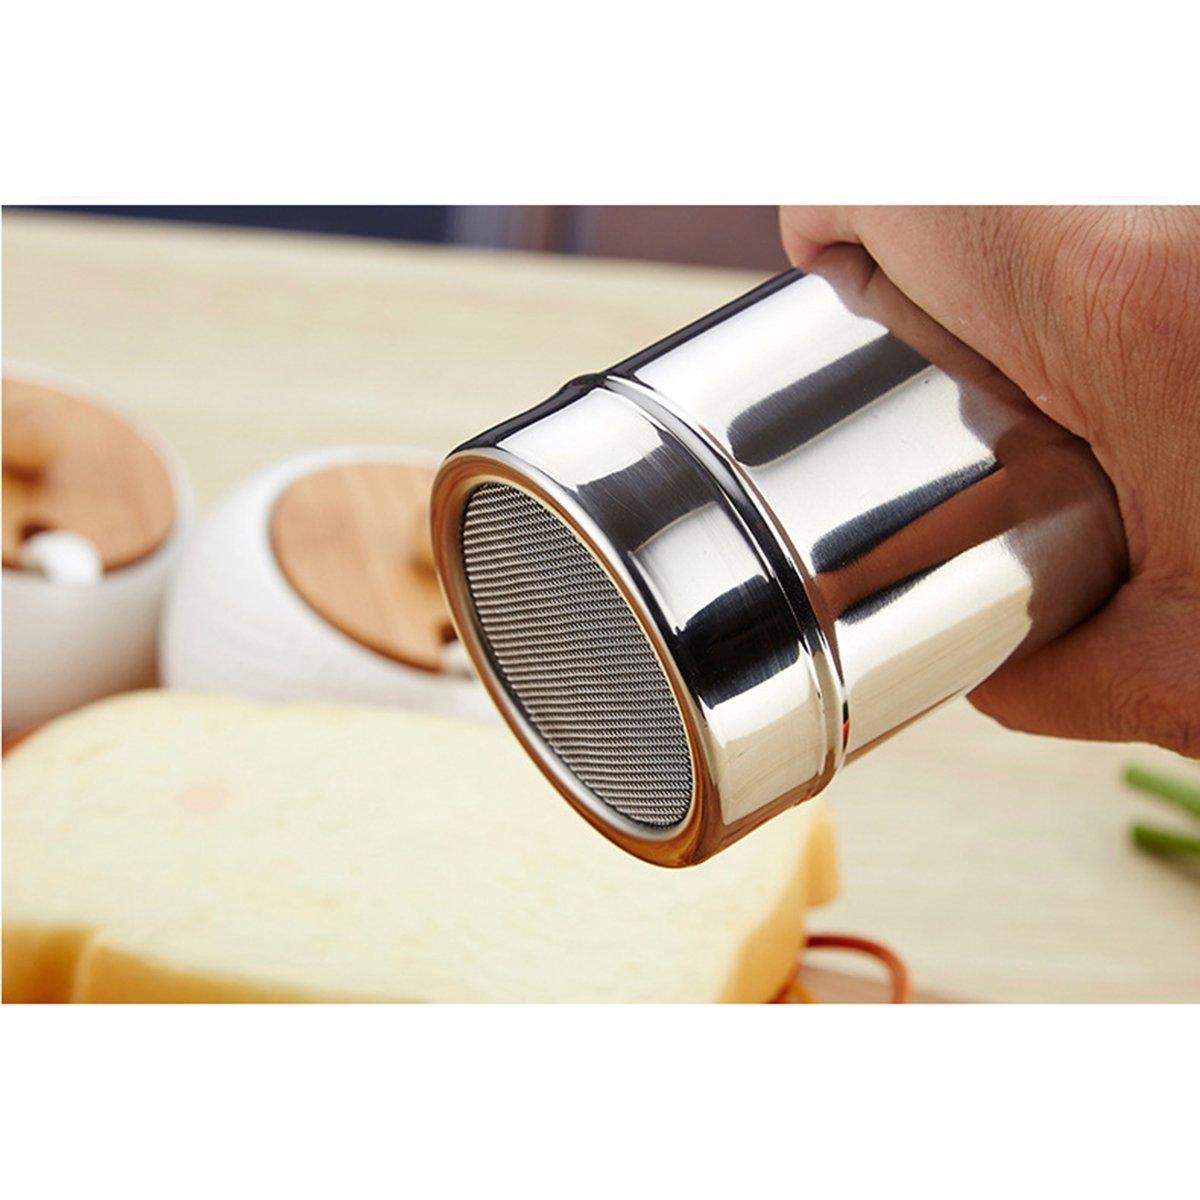 OUNONA 3 UNIDS de acero inoxidable de cocina dragas condimento pimienta Shaker dispensador de especias polvo de az/úcar harina de cacao condimento y especias tama/ño S